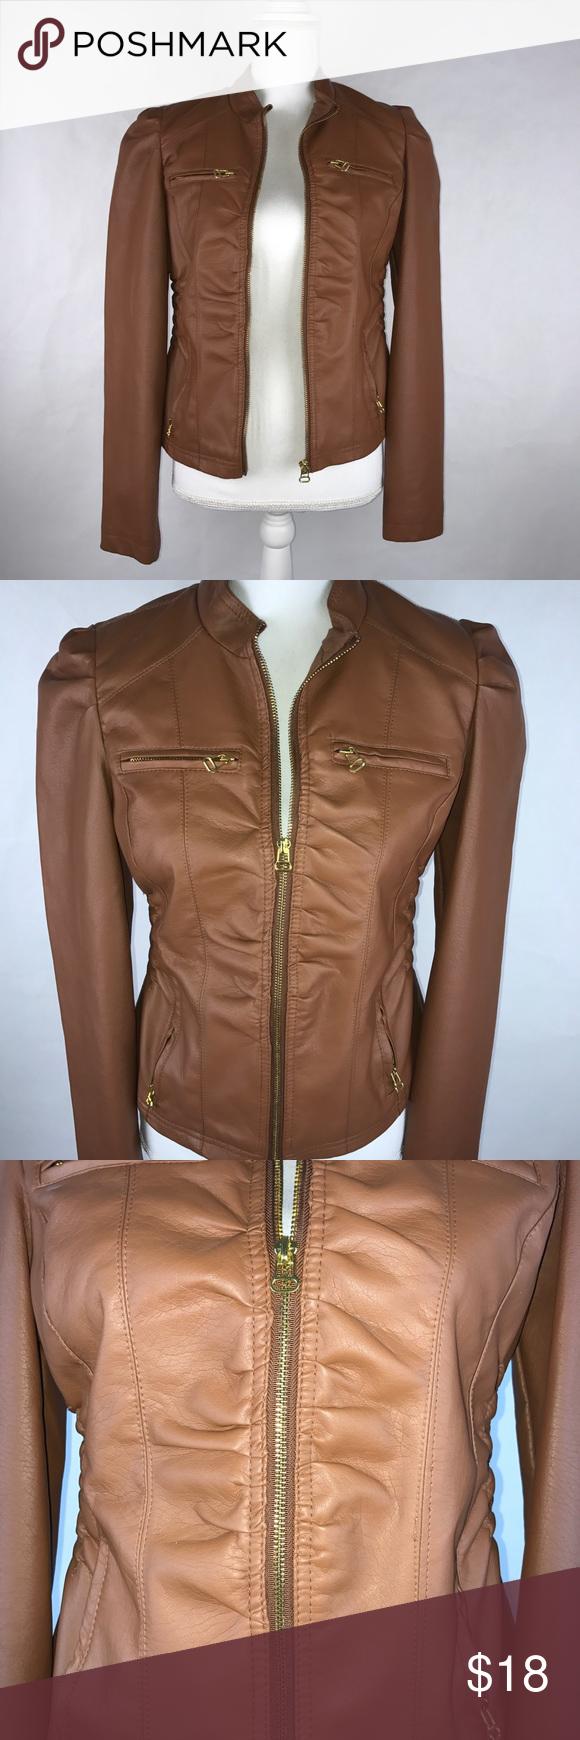 Brown Tan Faux Leather Fashion Jacket Size L Fashion